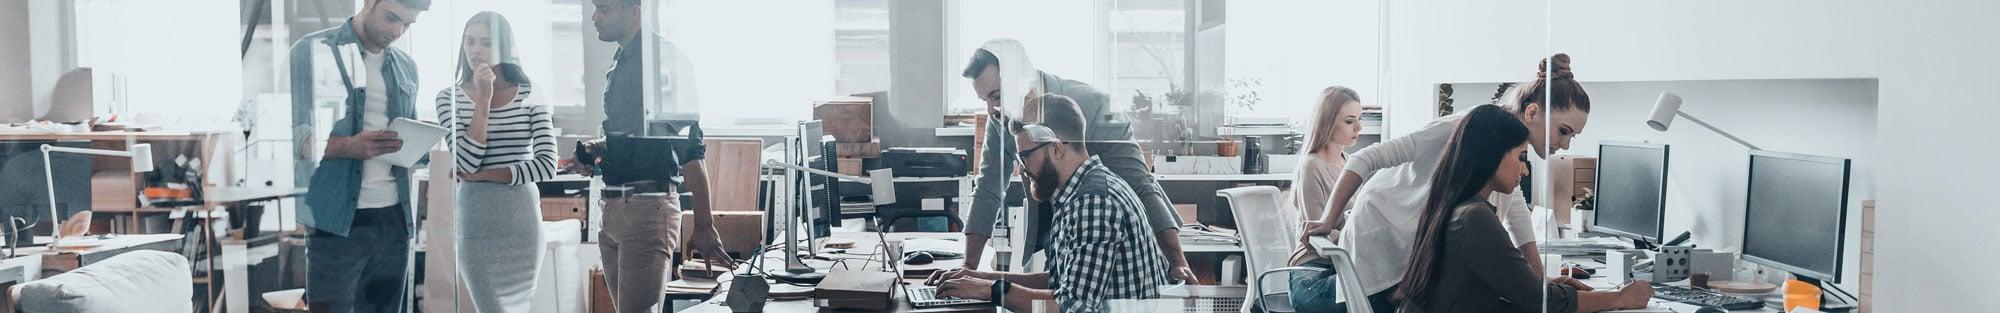 Office1-Banner.jpg